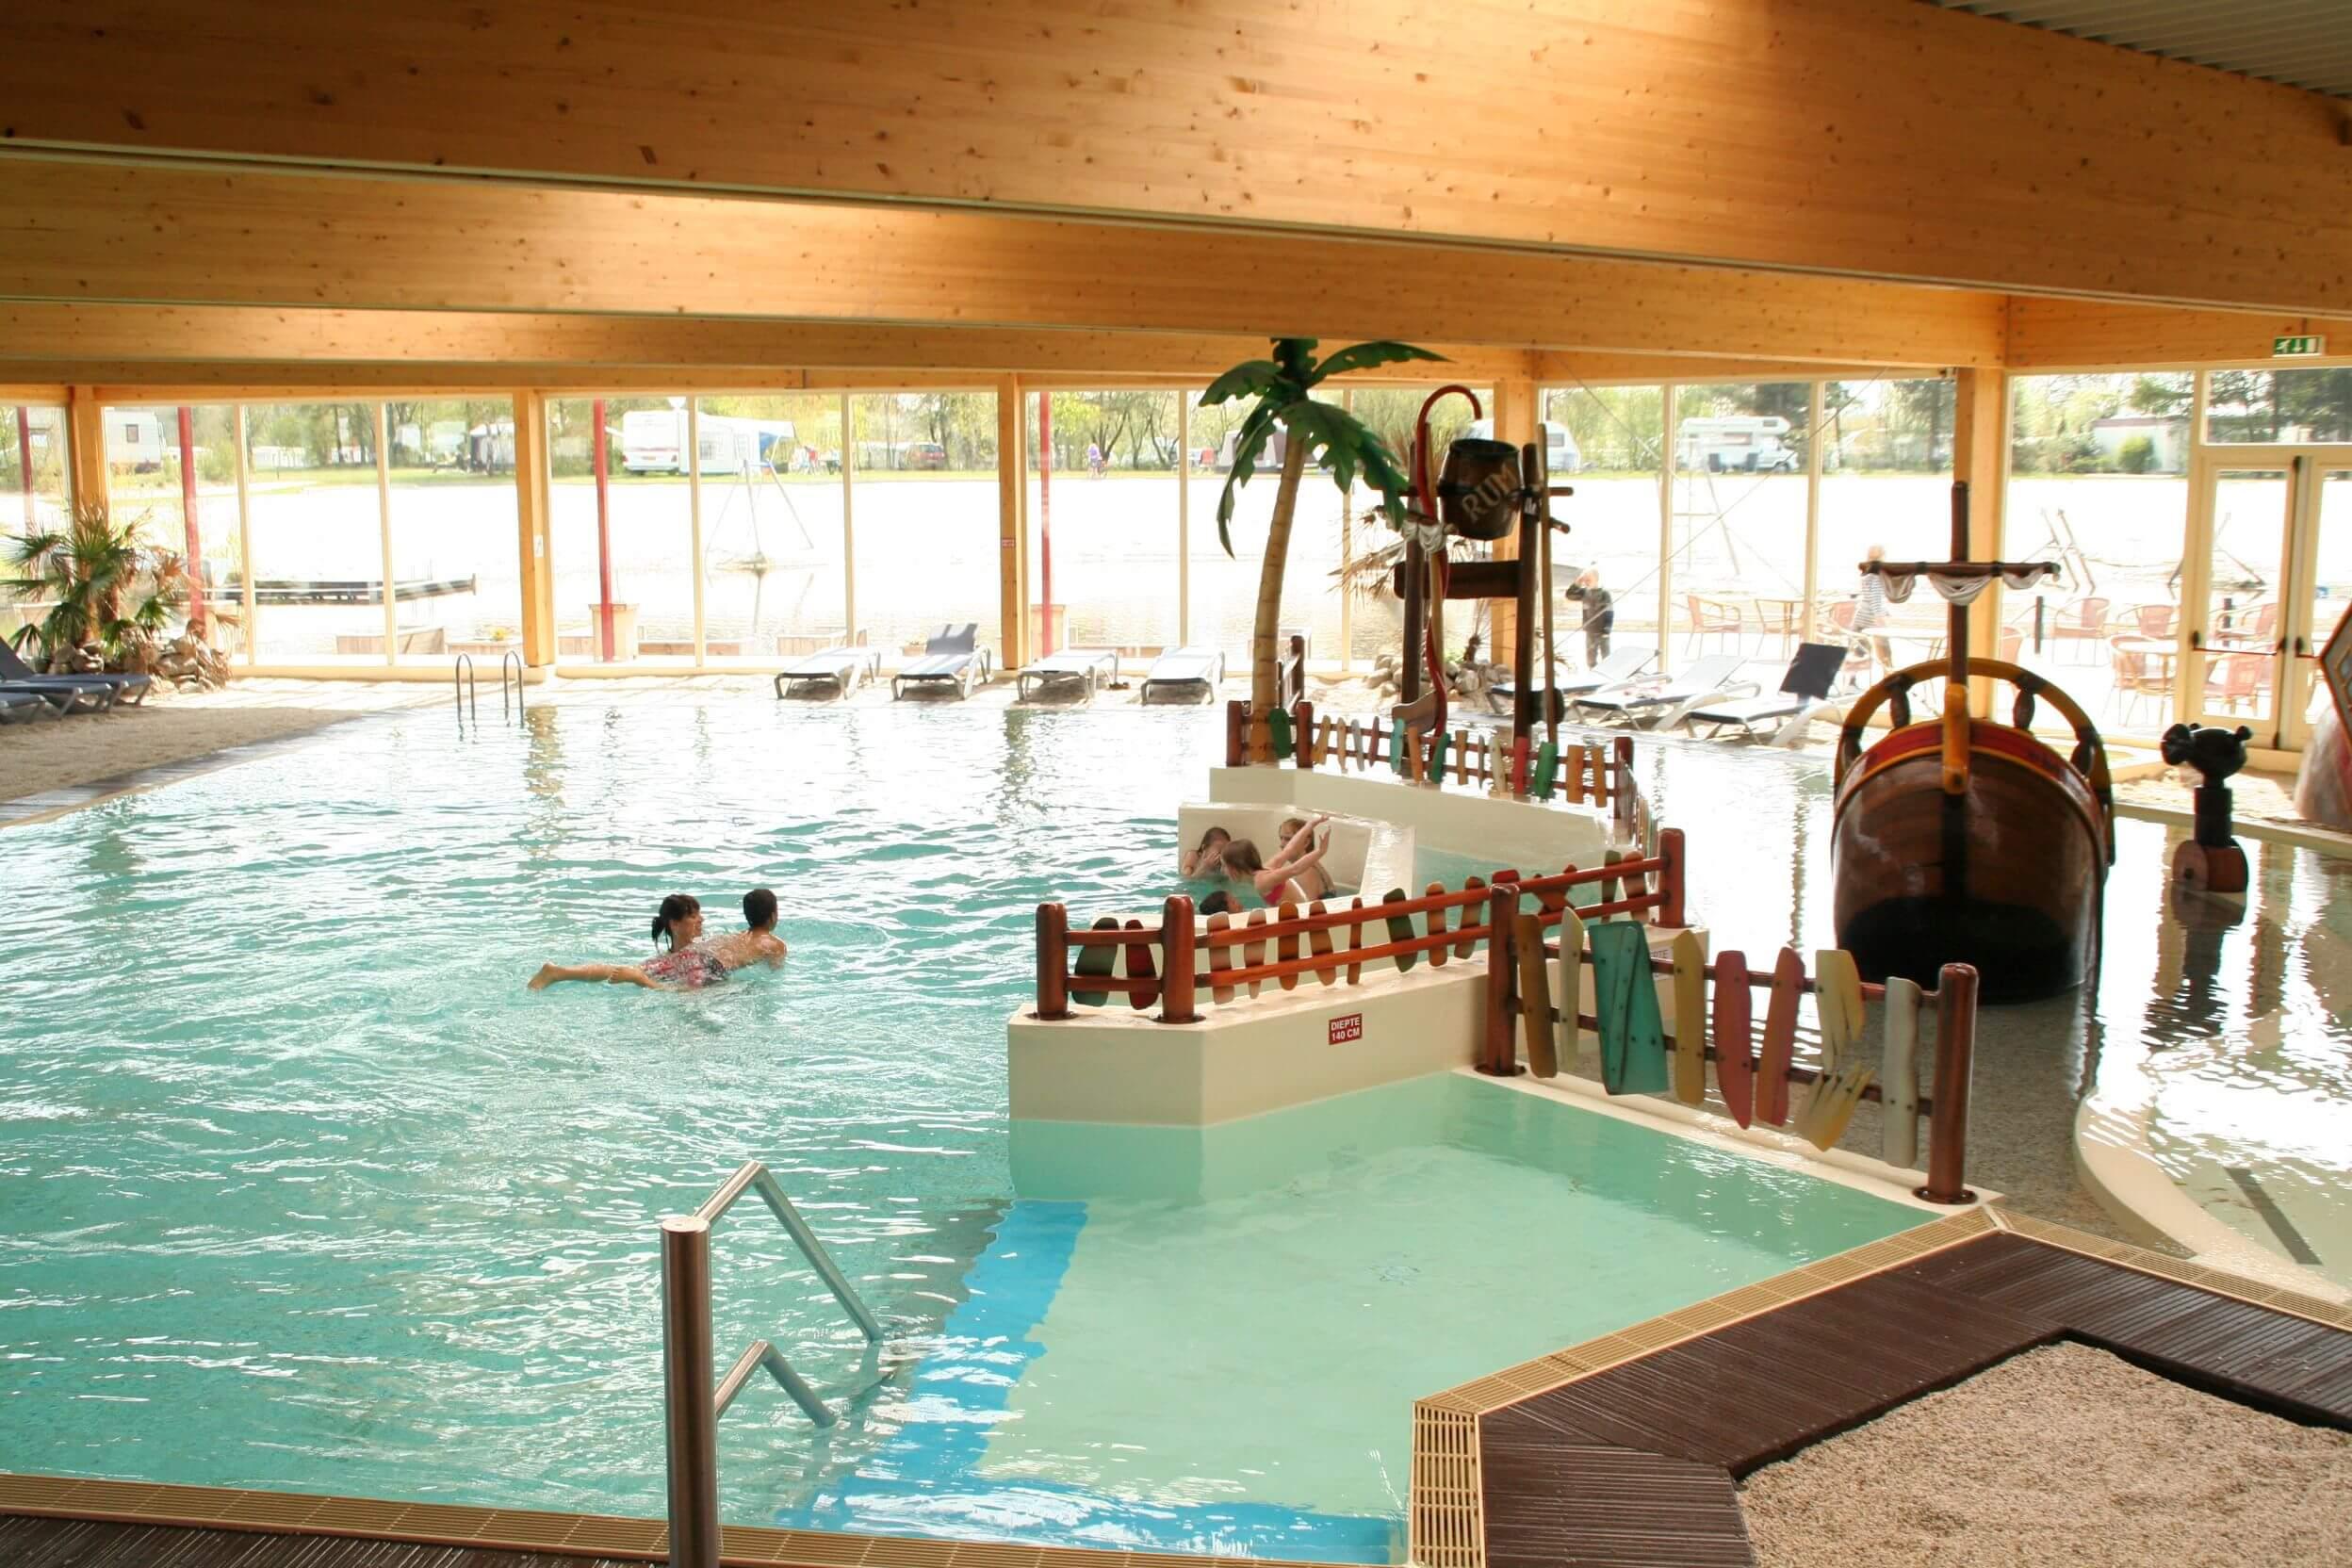 Hallenbad auf dem Campingplatz mit Panoramablick über den Badesee - Hallenbad auf dem Campingplatz